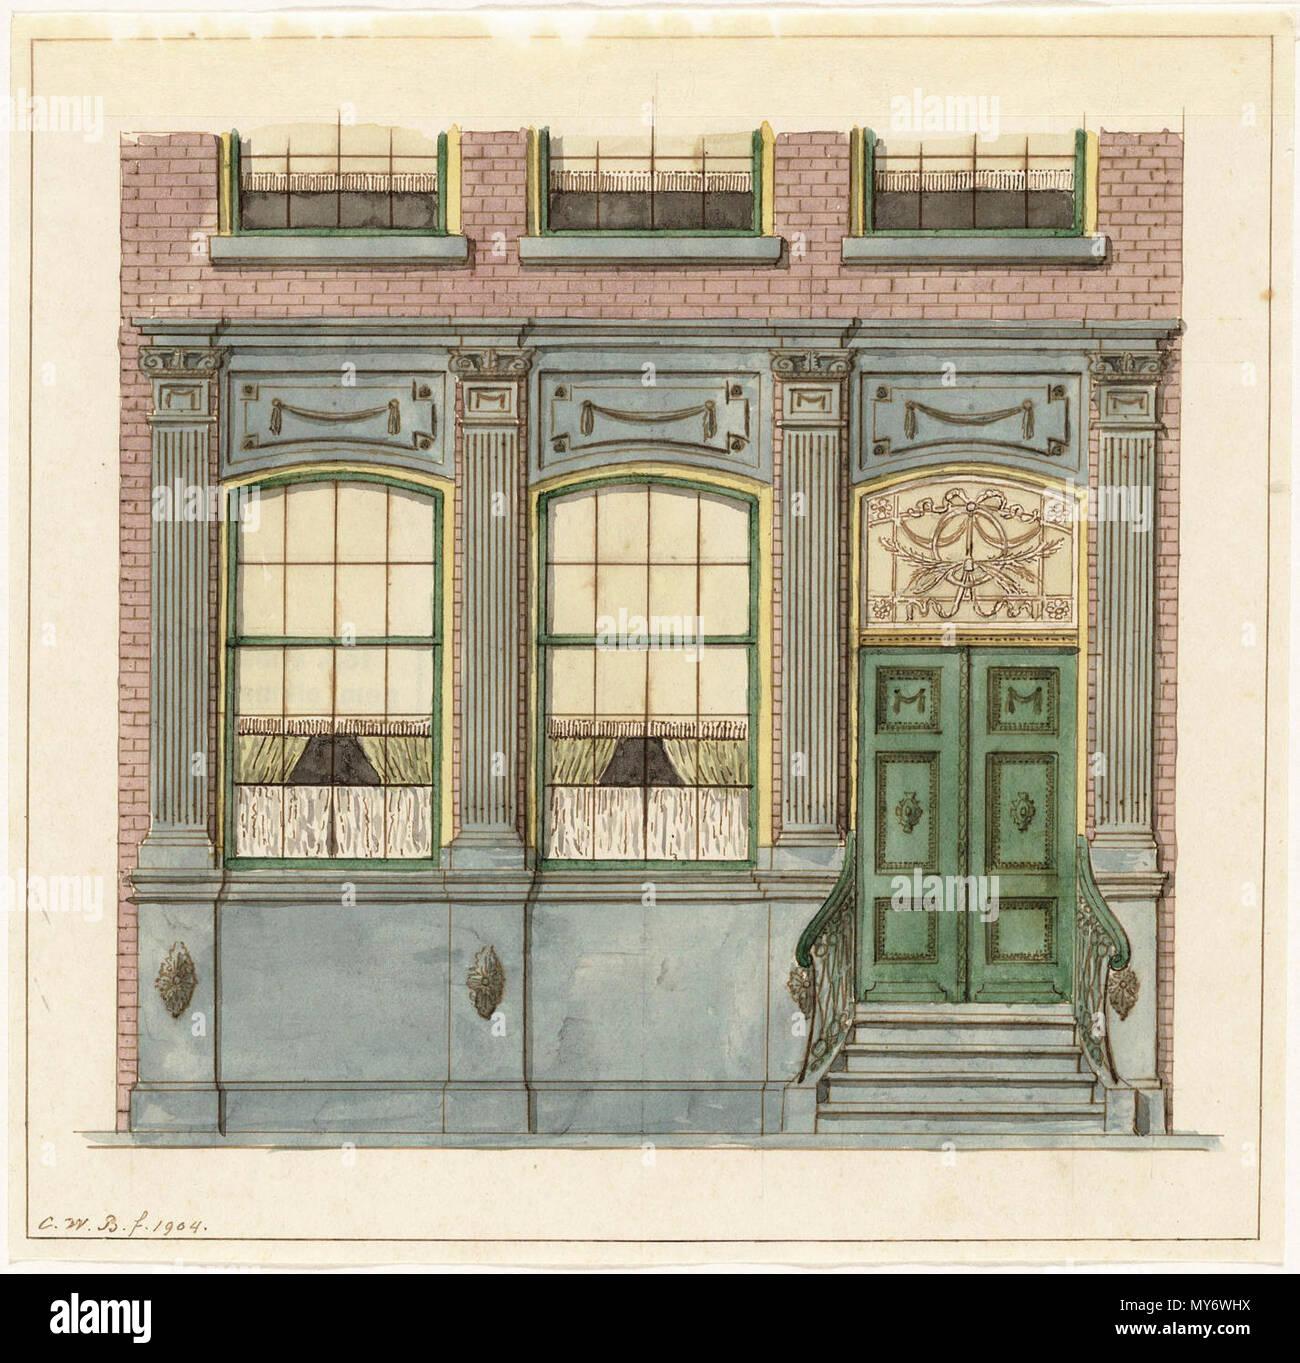 catalogusnummer pr 1000302 plaats alkmaar beschrijving hardstenen onderpui pand langestraat dubbele deur met bovenlicht daarvoor een trap met vier